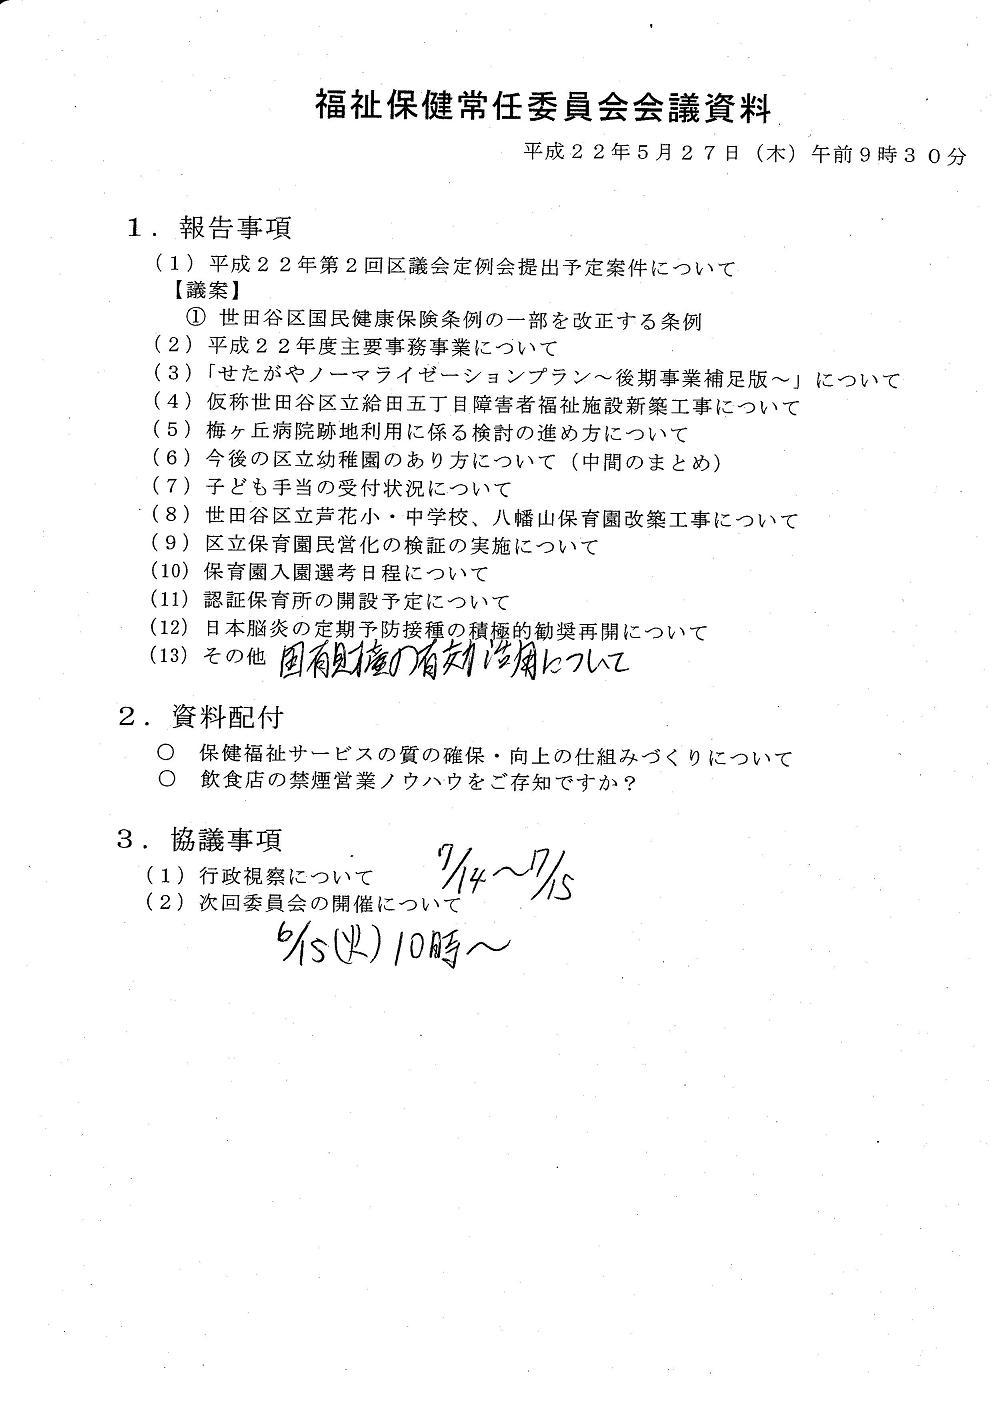 福祉保健常任委員会_c0092197_1595830.jpg